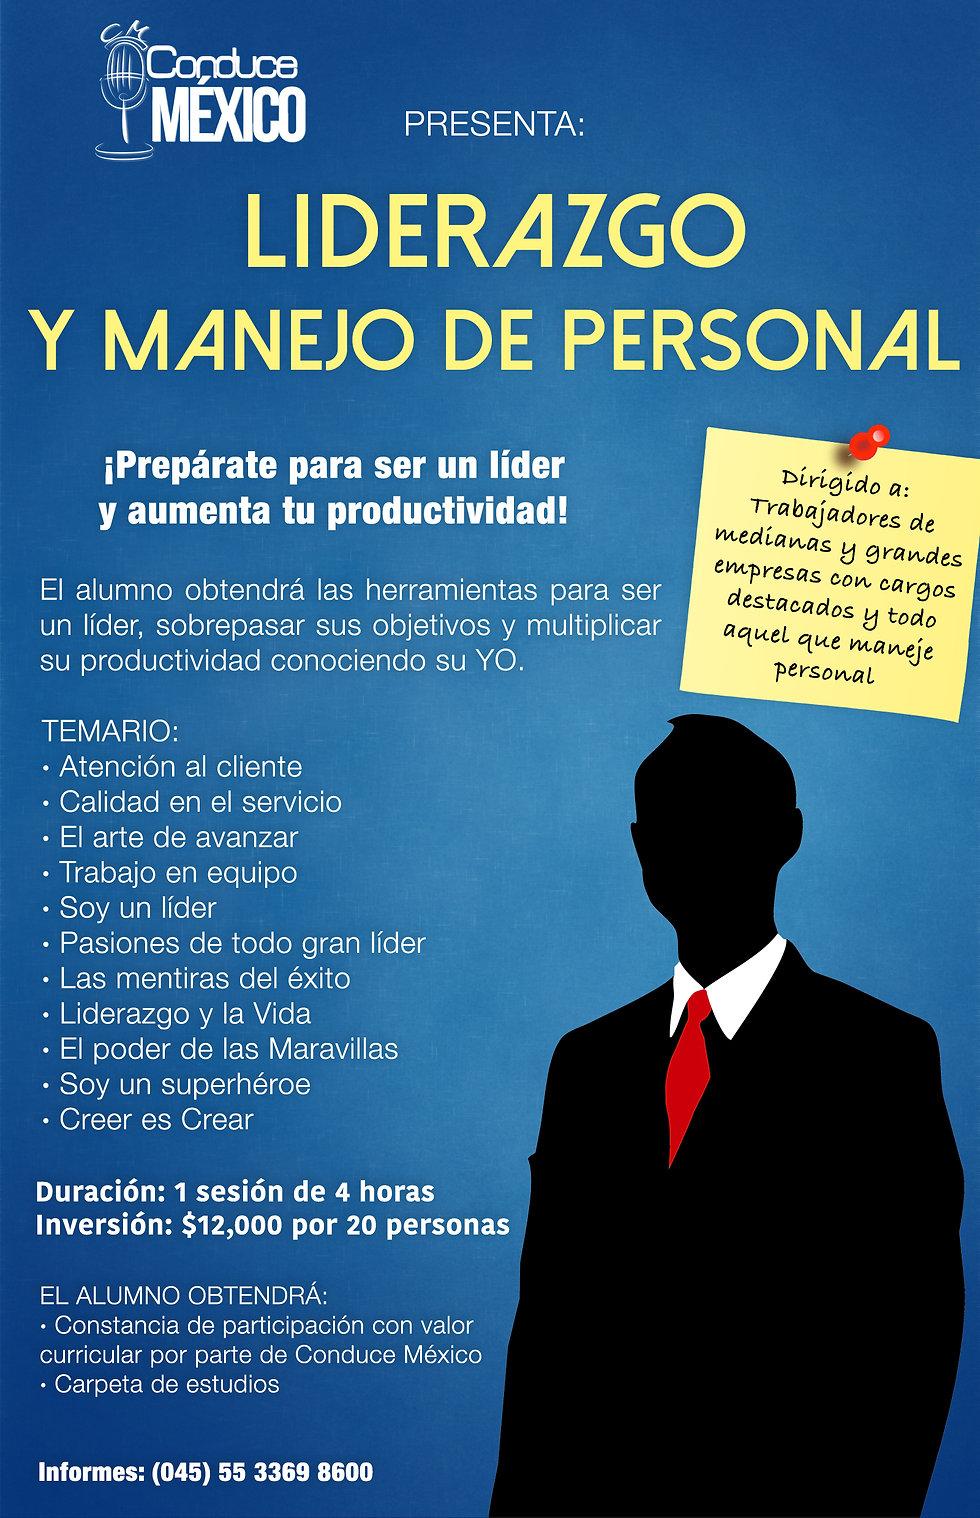 Taller de Liderazgo y Manejo de Personal Conduce México